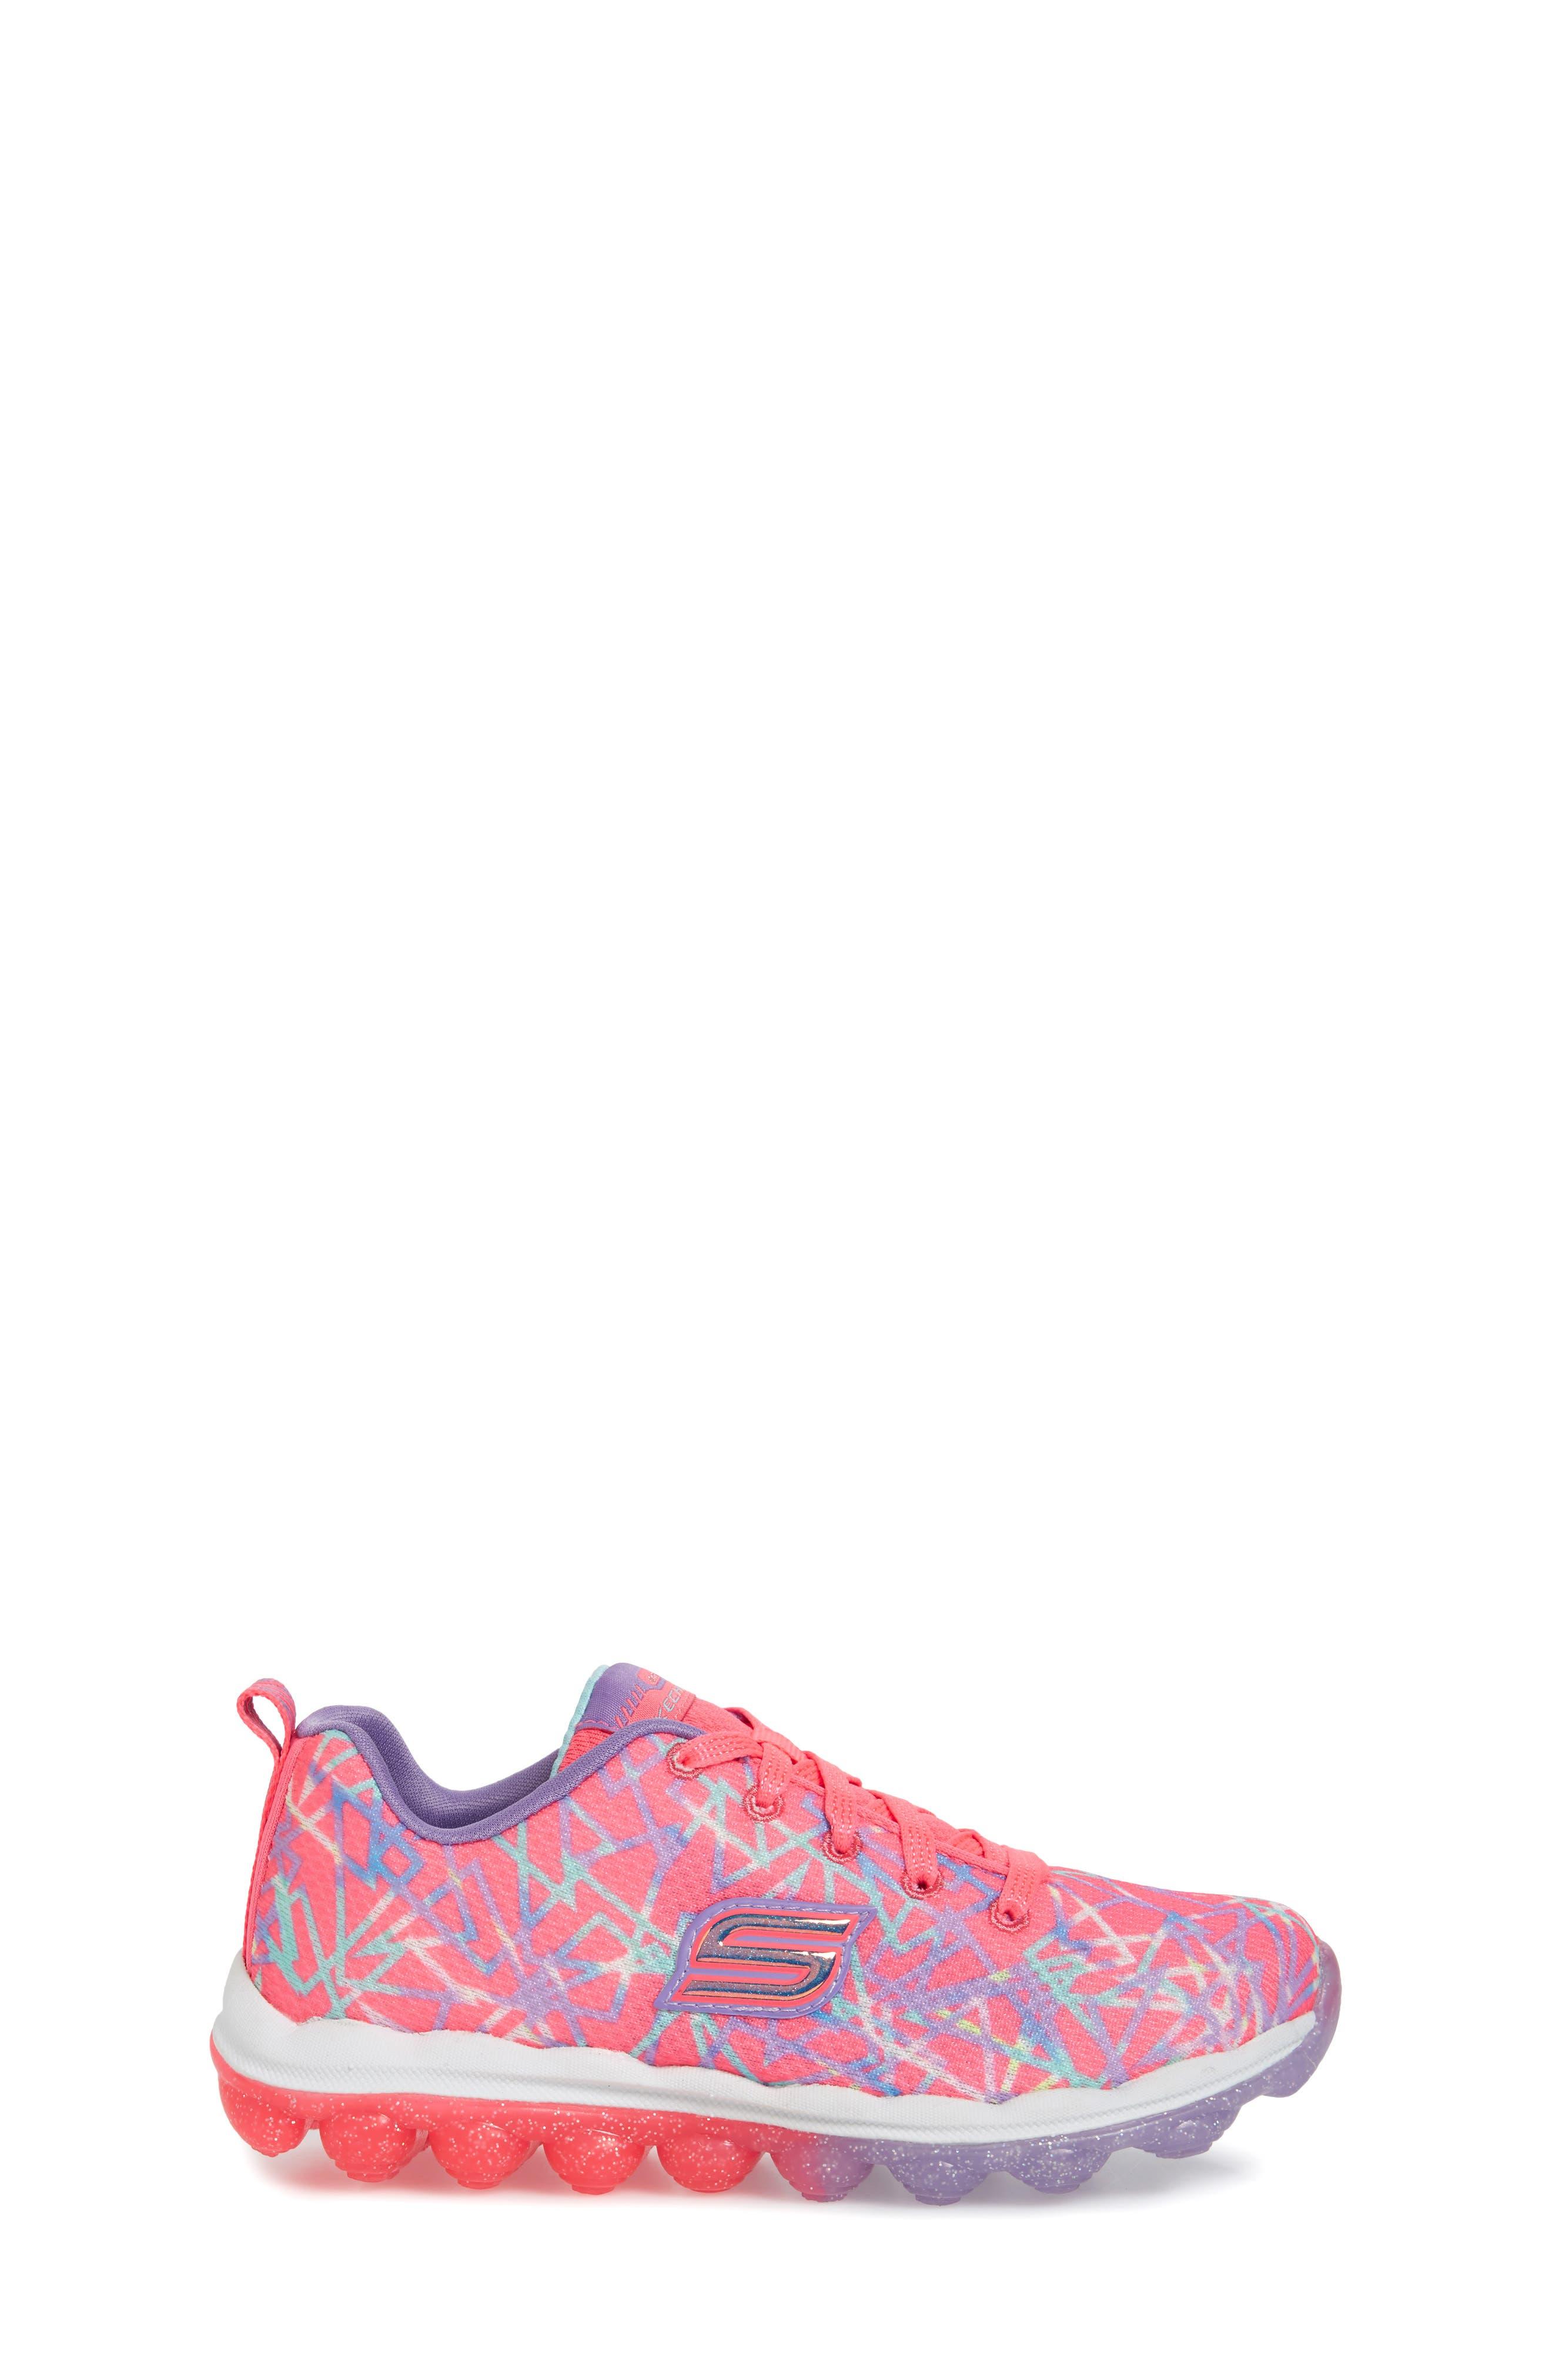 Skech-Air Sneaker,                             Alternate thumbnail 3, color,                             Pink